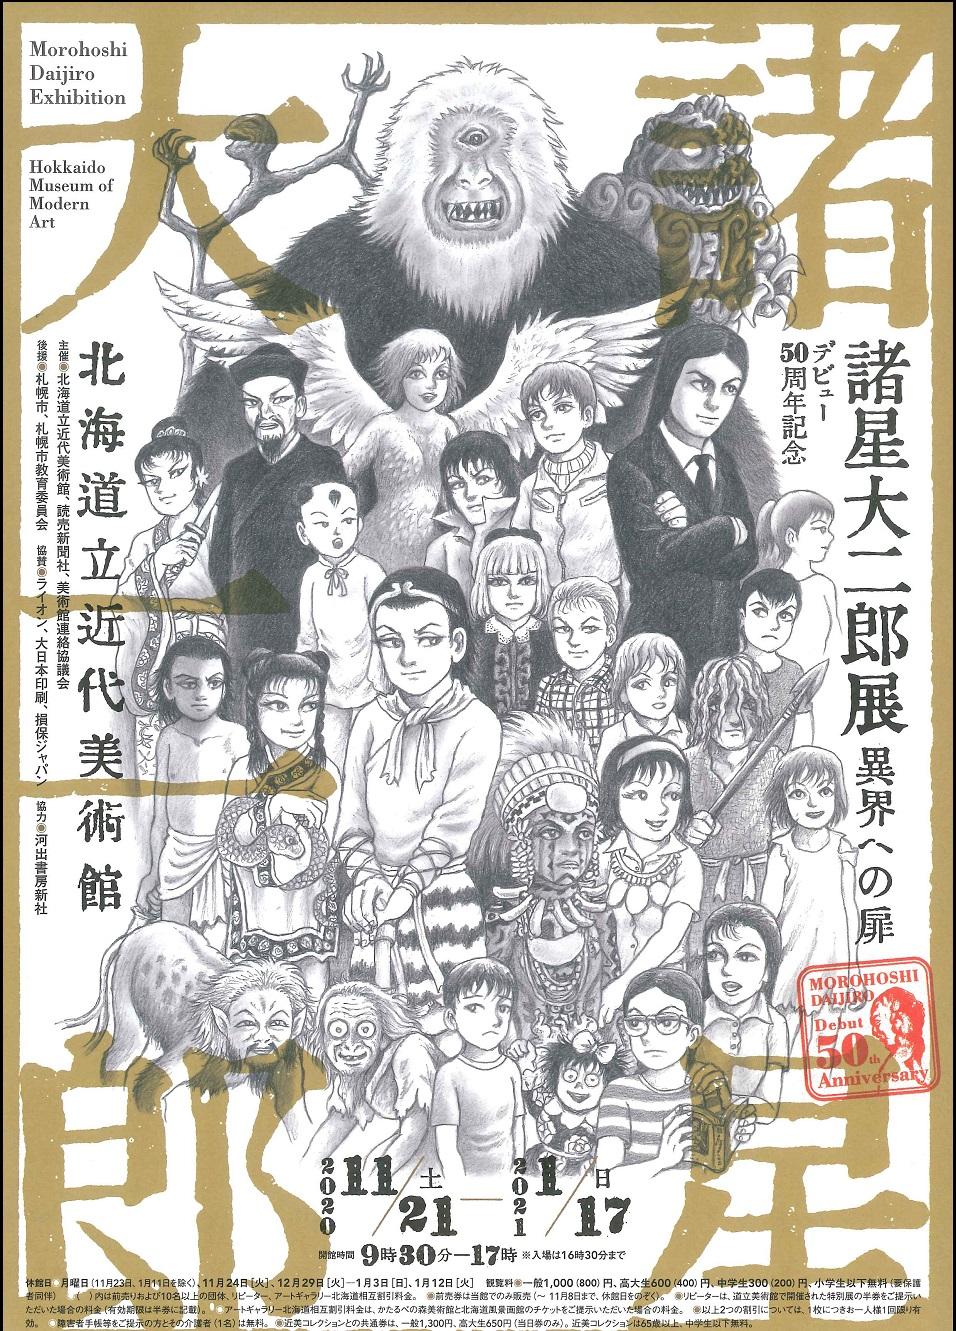 デビュー50周年記念<br>諸星大二郎展 異界への扉